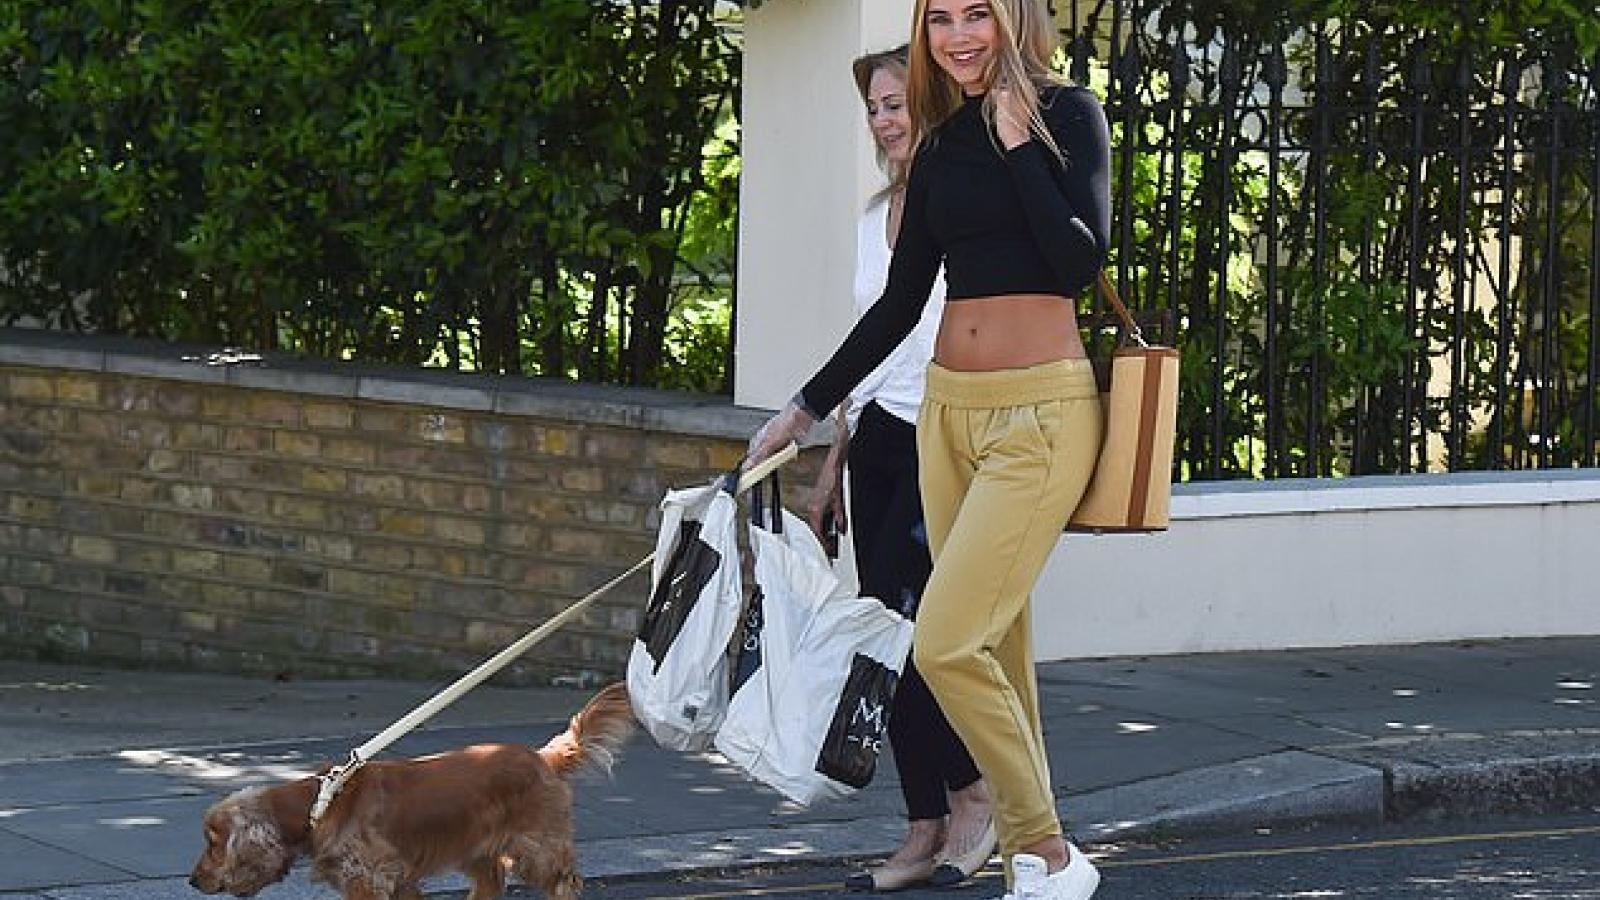 Kimberley Garner khoe eo thon khi dạo phố cùng cún cưng